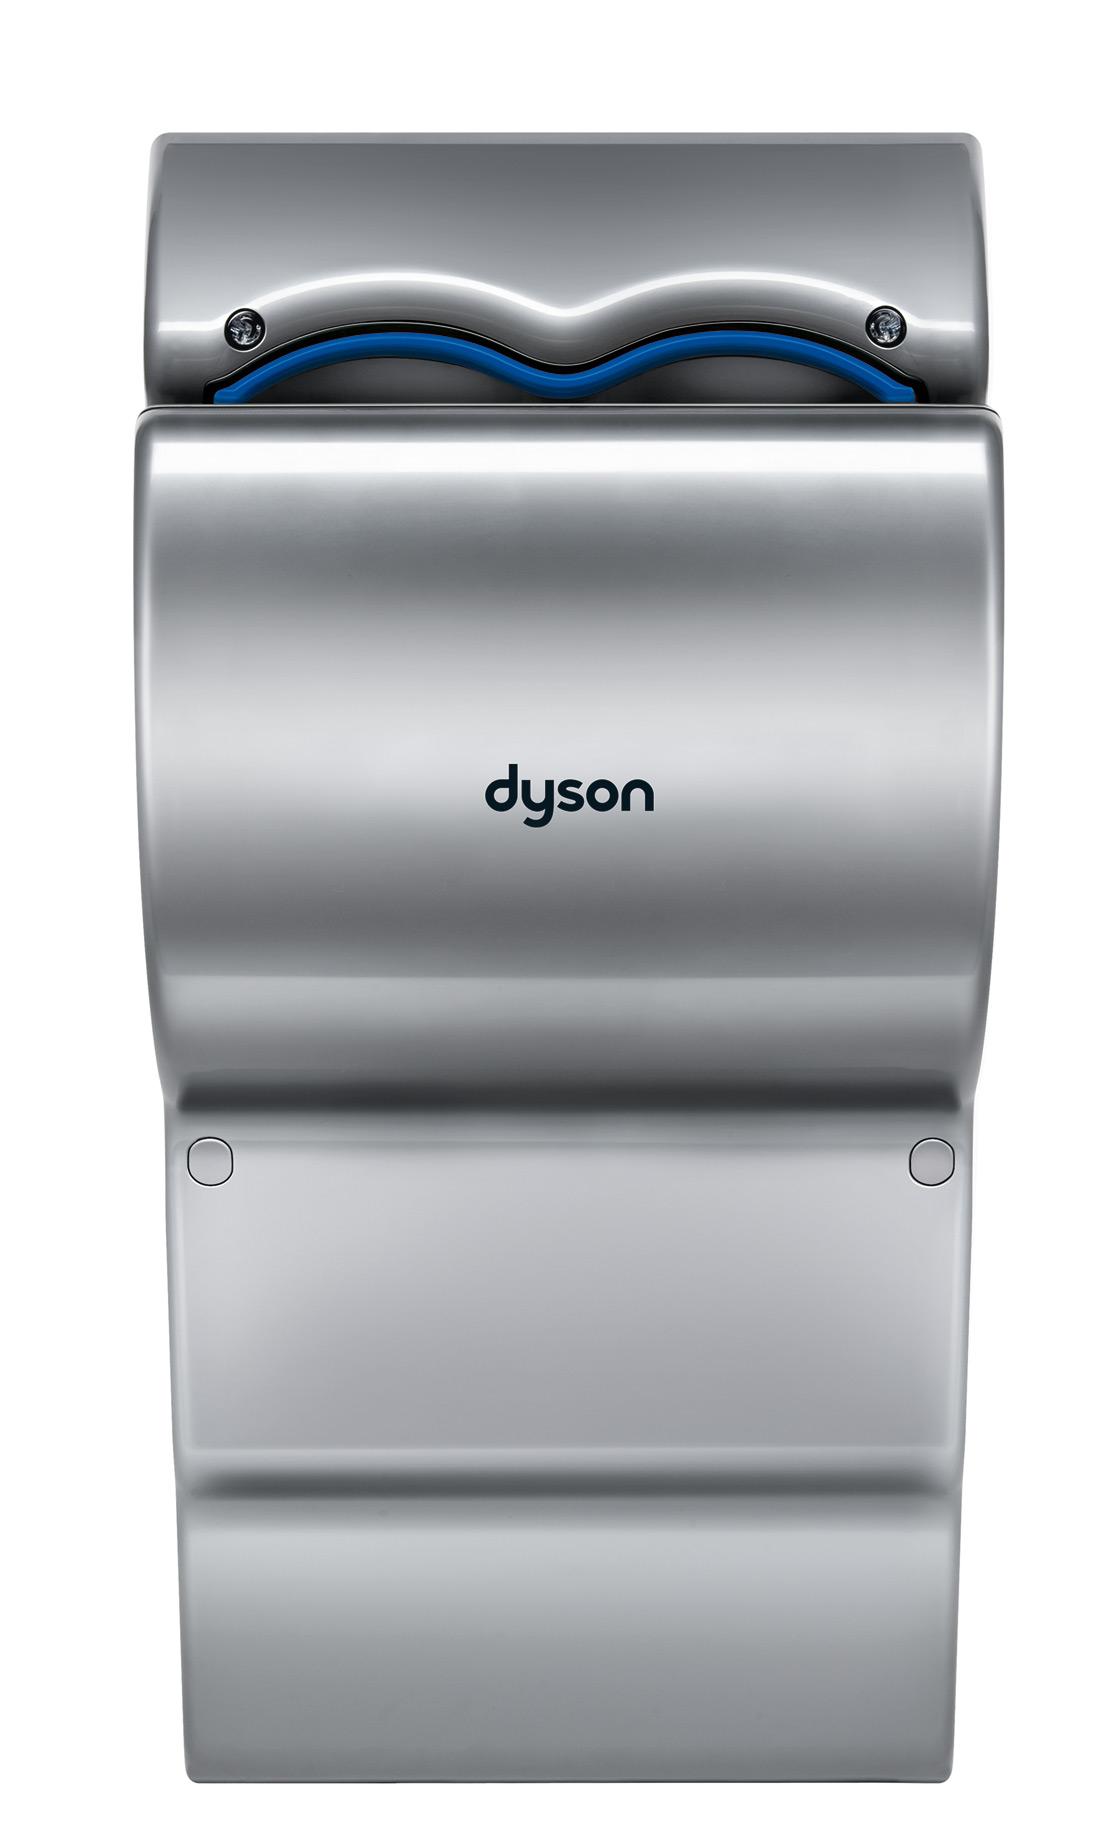 ������� ��� ��� Dyson Airblade db